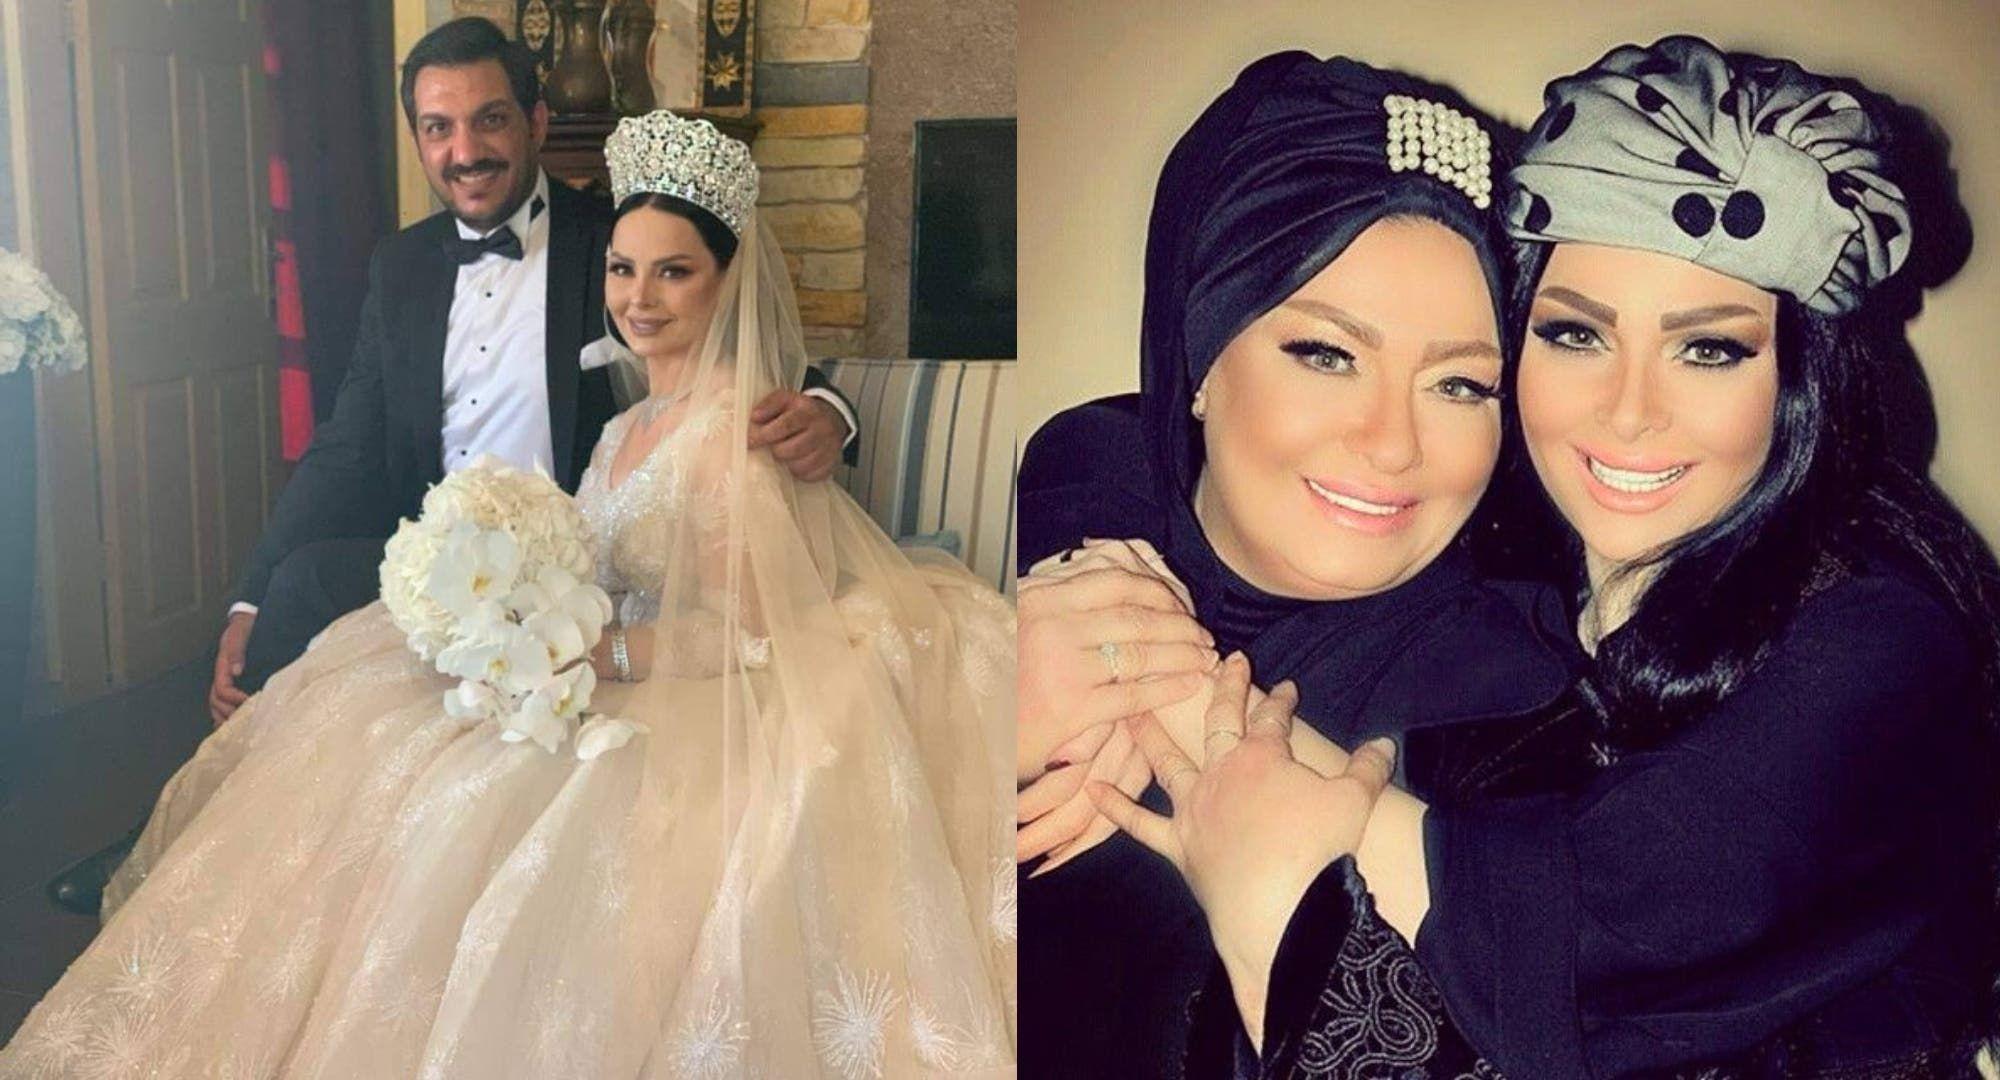 والدة ديانا كرزون تفتح النار على زوج ابنتها مجرم وأهوج والجمهور كان باين من أول يوم Flower Girl Dresses Wedding Dresses Girls Dresses